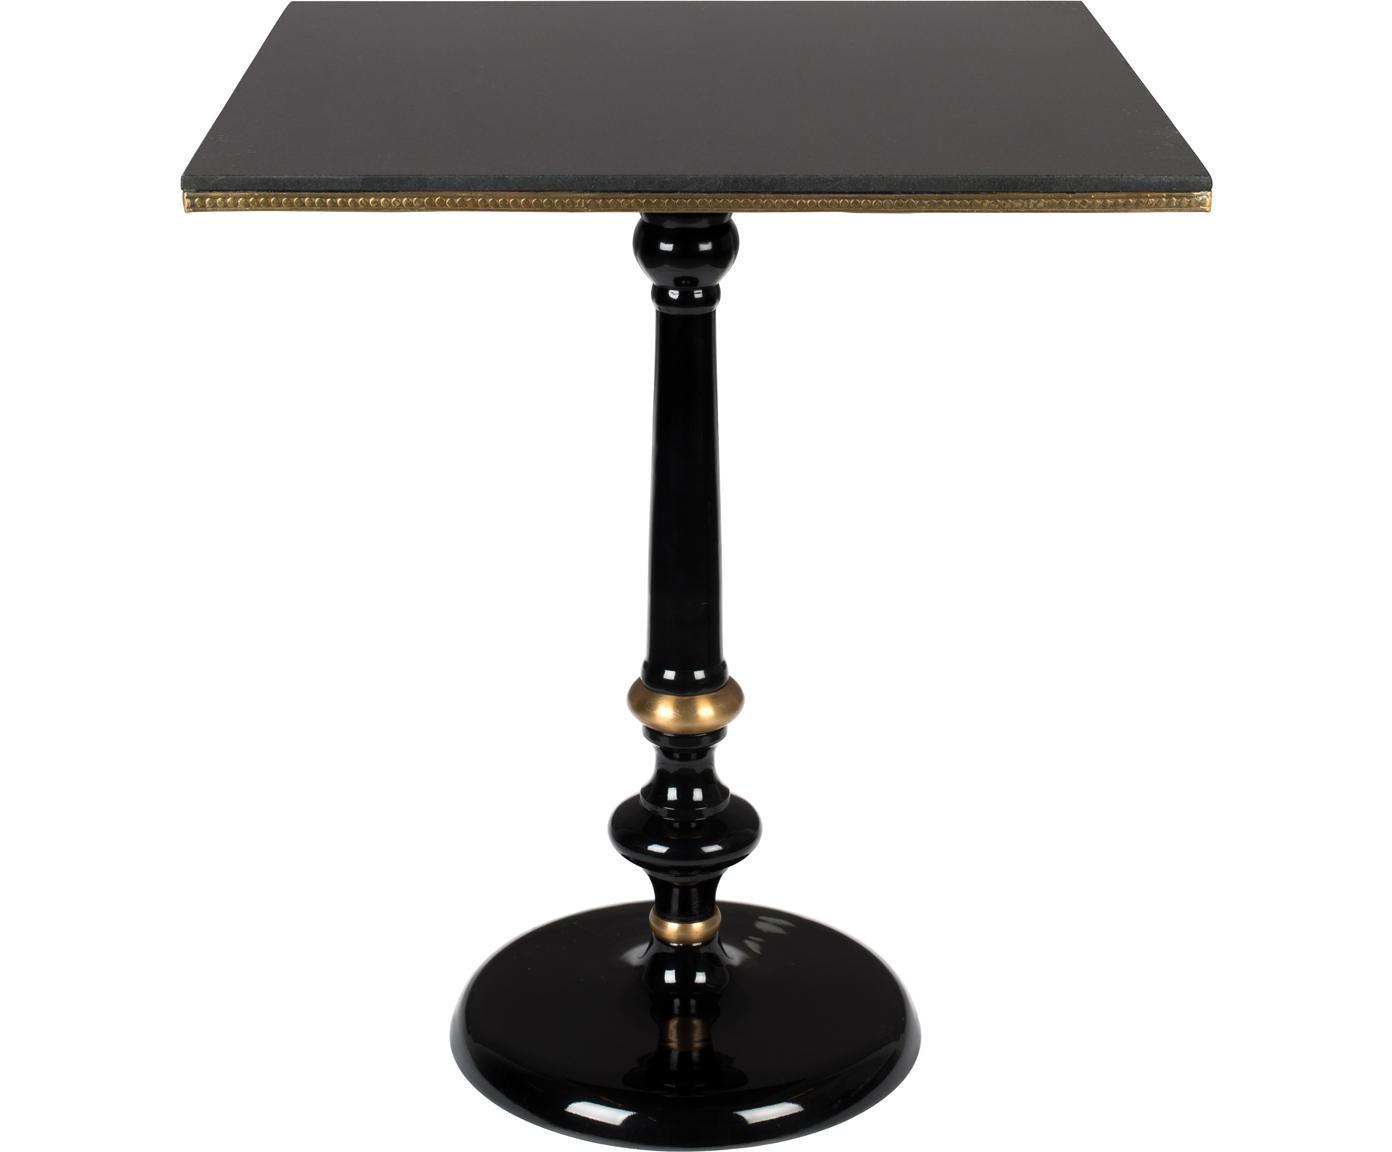 Mesa de comedor cuadrada Own The Glow, tablero de granito, Tablero: granito, Patas: aluminio con pintura en p, Negro, dorado, An 65 x Al 76 cm